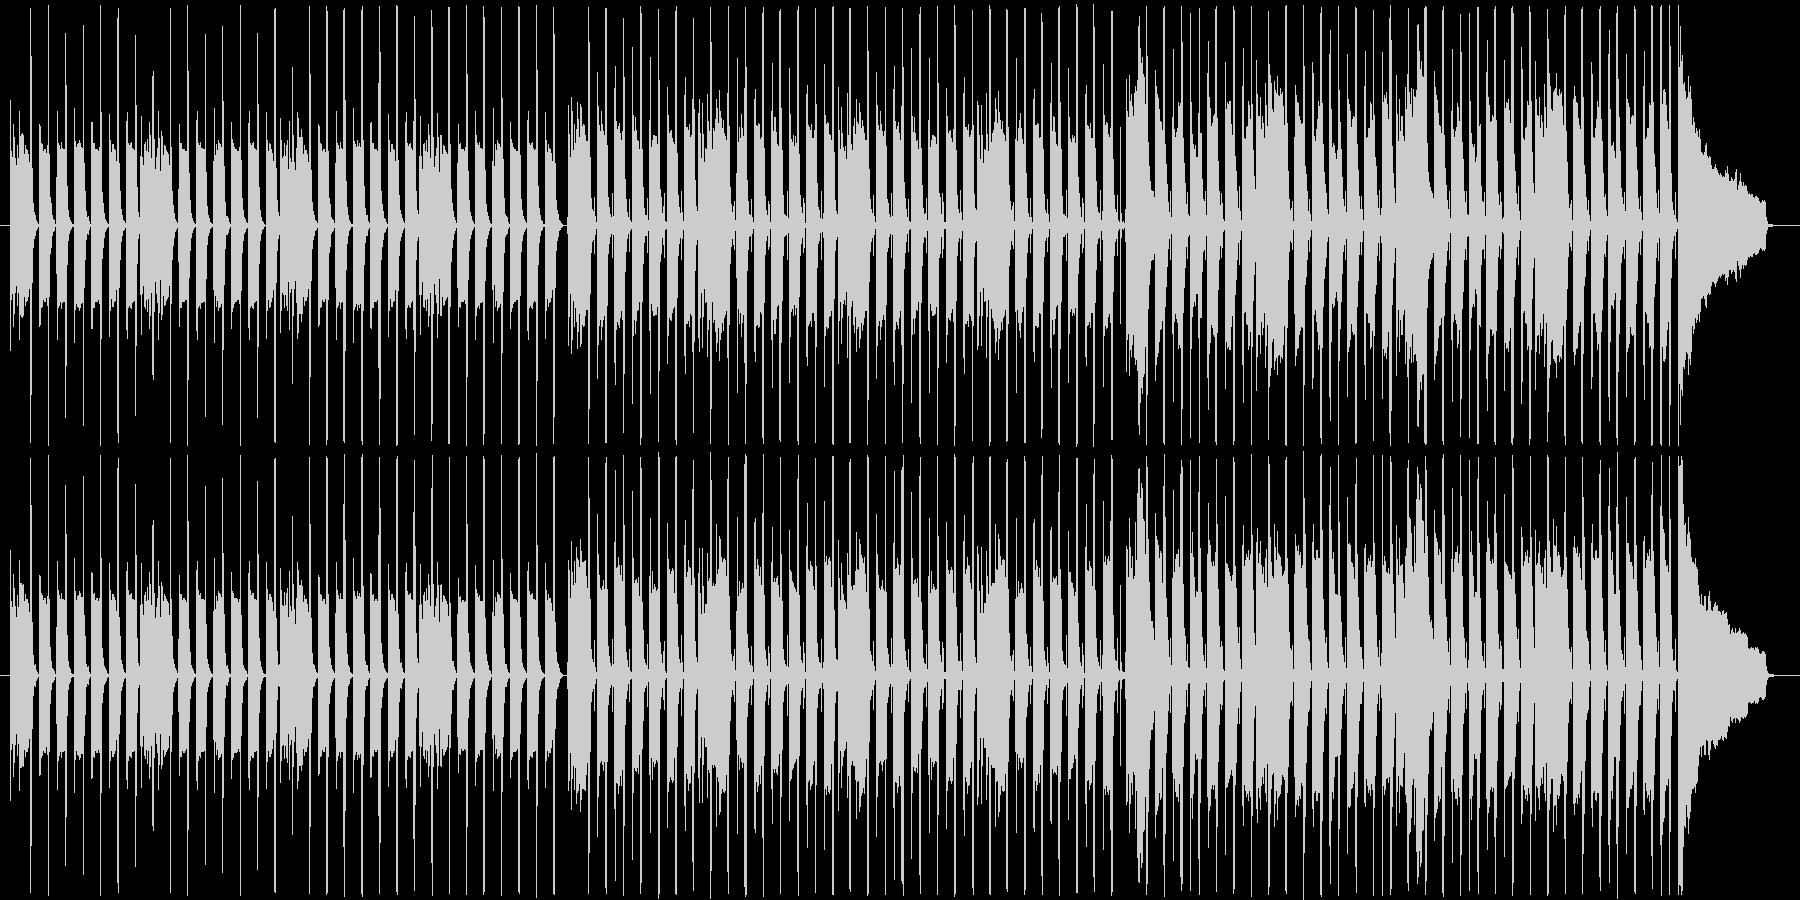 ウッドベース主導のシンプルで軽快な小曲の未再生の波形